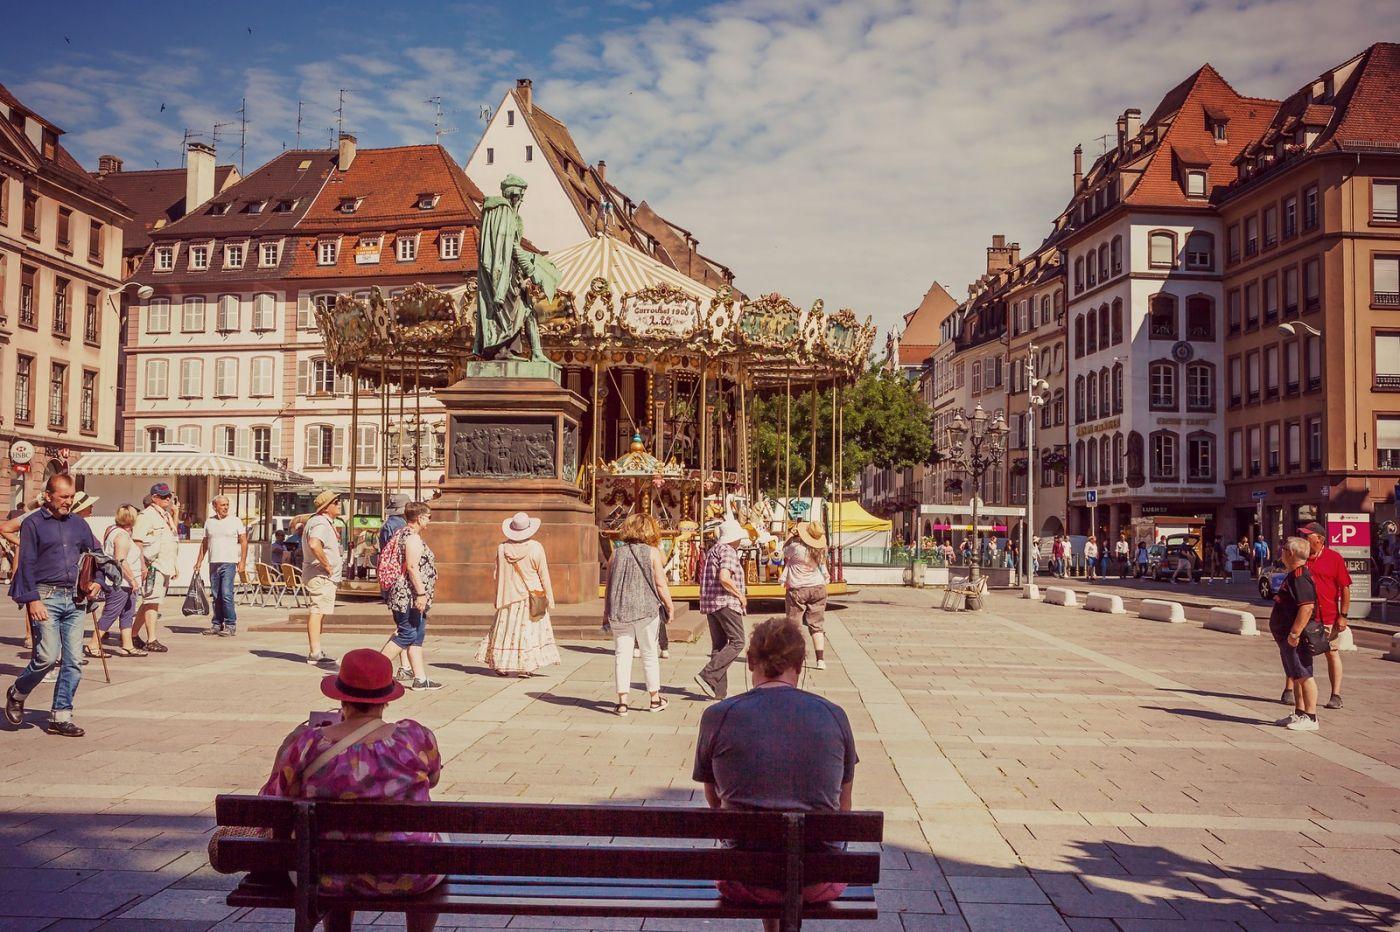 法国斯特拉斯堡(Strasbourg),边走边拍_图1-17